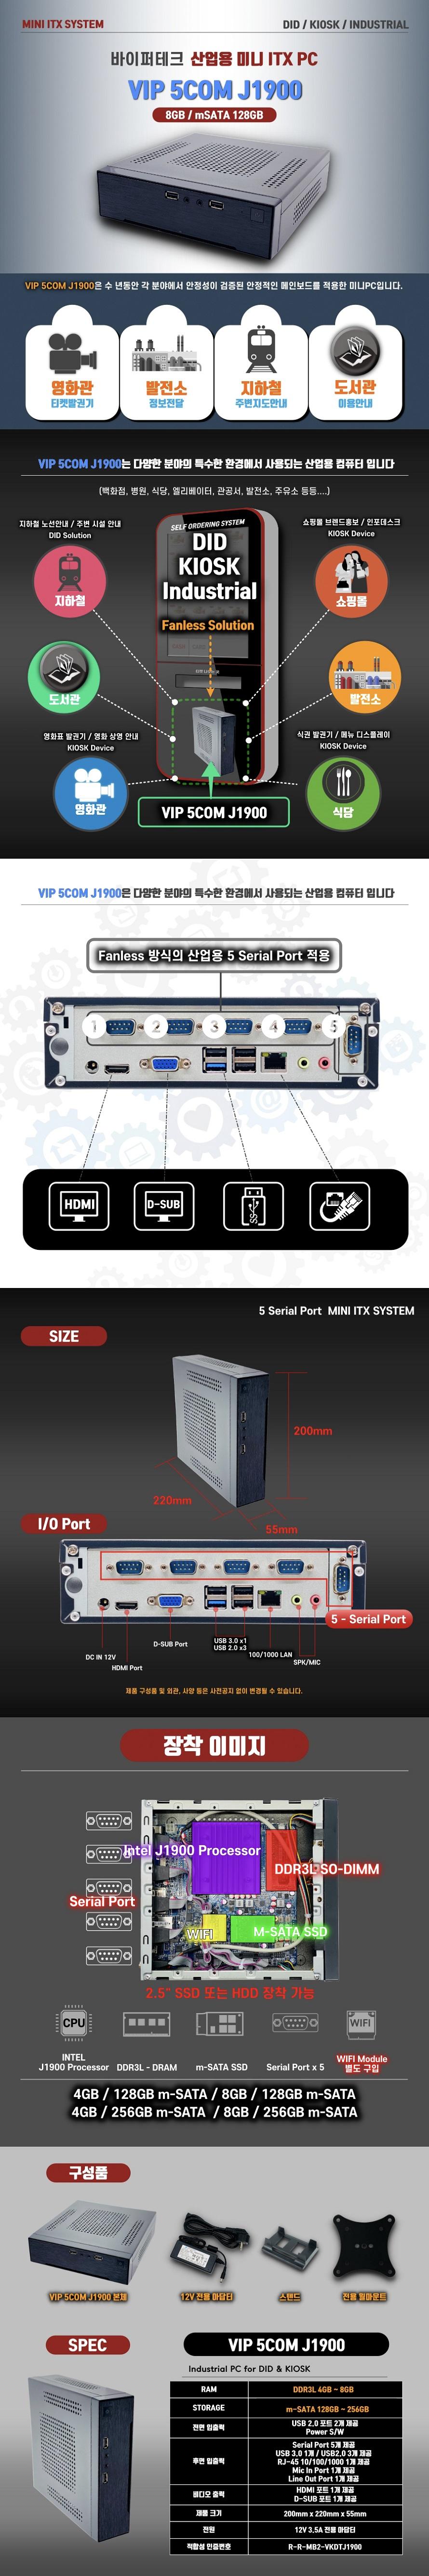 바이퍼테크 VIP 5COM J1900 (8GB, mSATA 128GB)